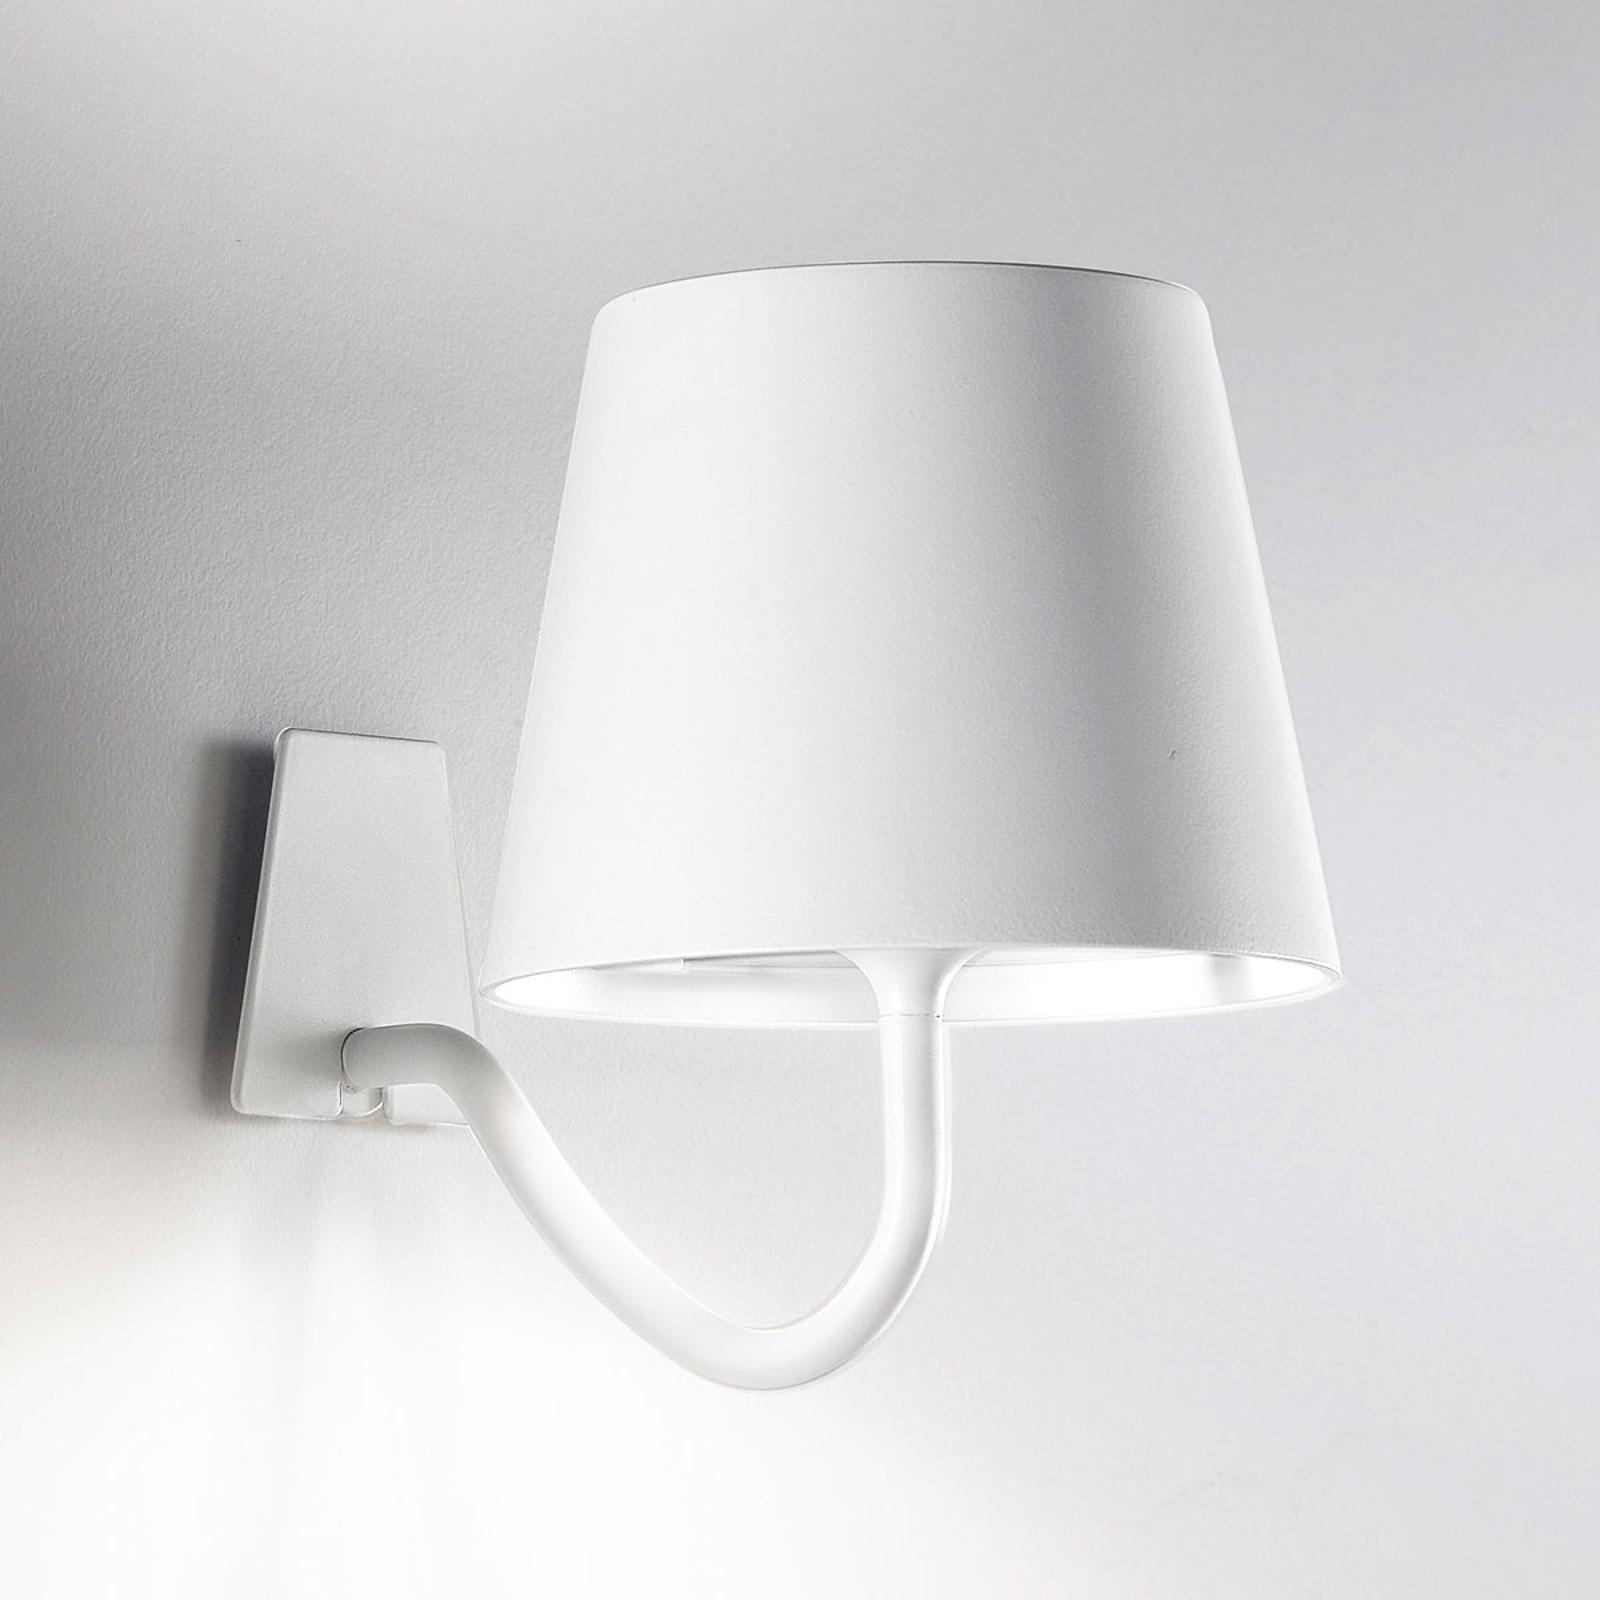 LED wandlamp Poldina dimbaar, met accu, wit